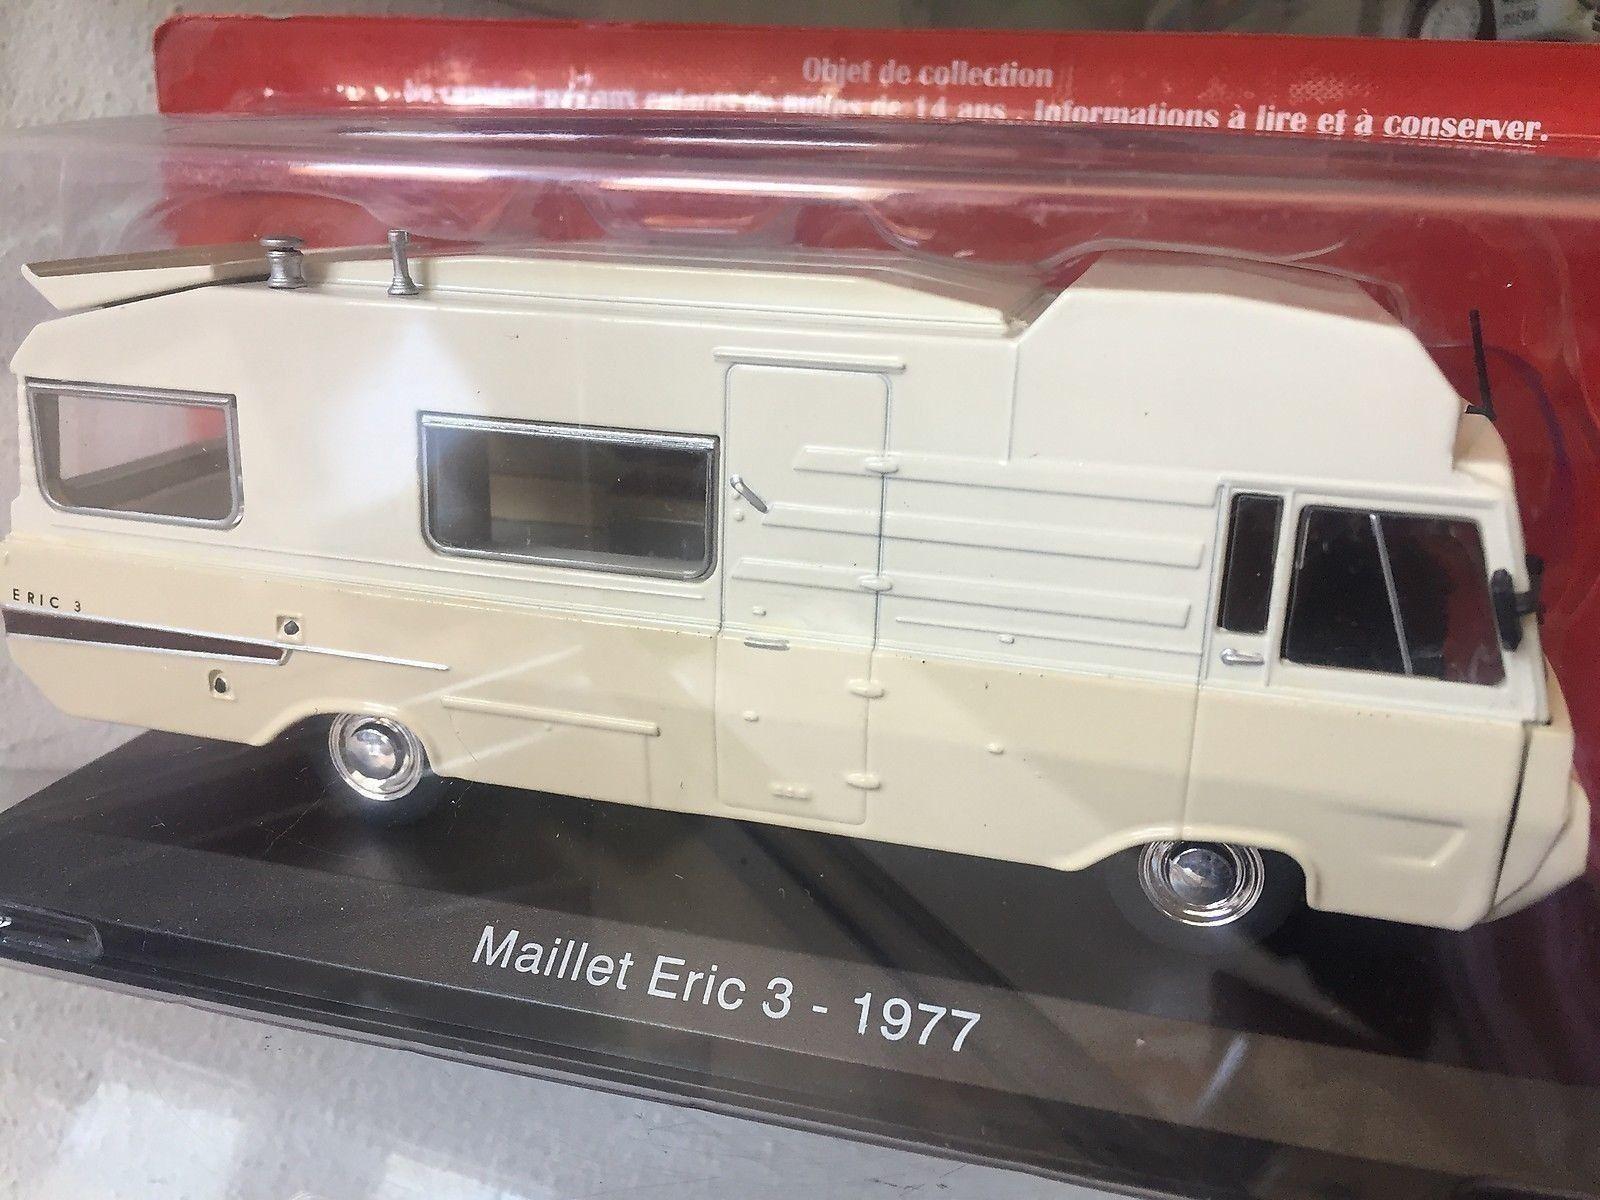 413 Camper Peugeot Maillet Eric 3 1977 - DIE CAST 1 43